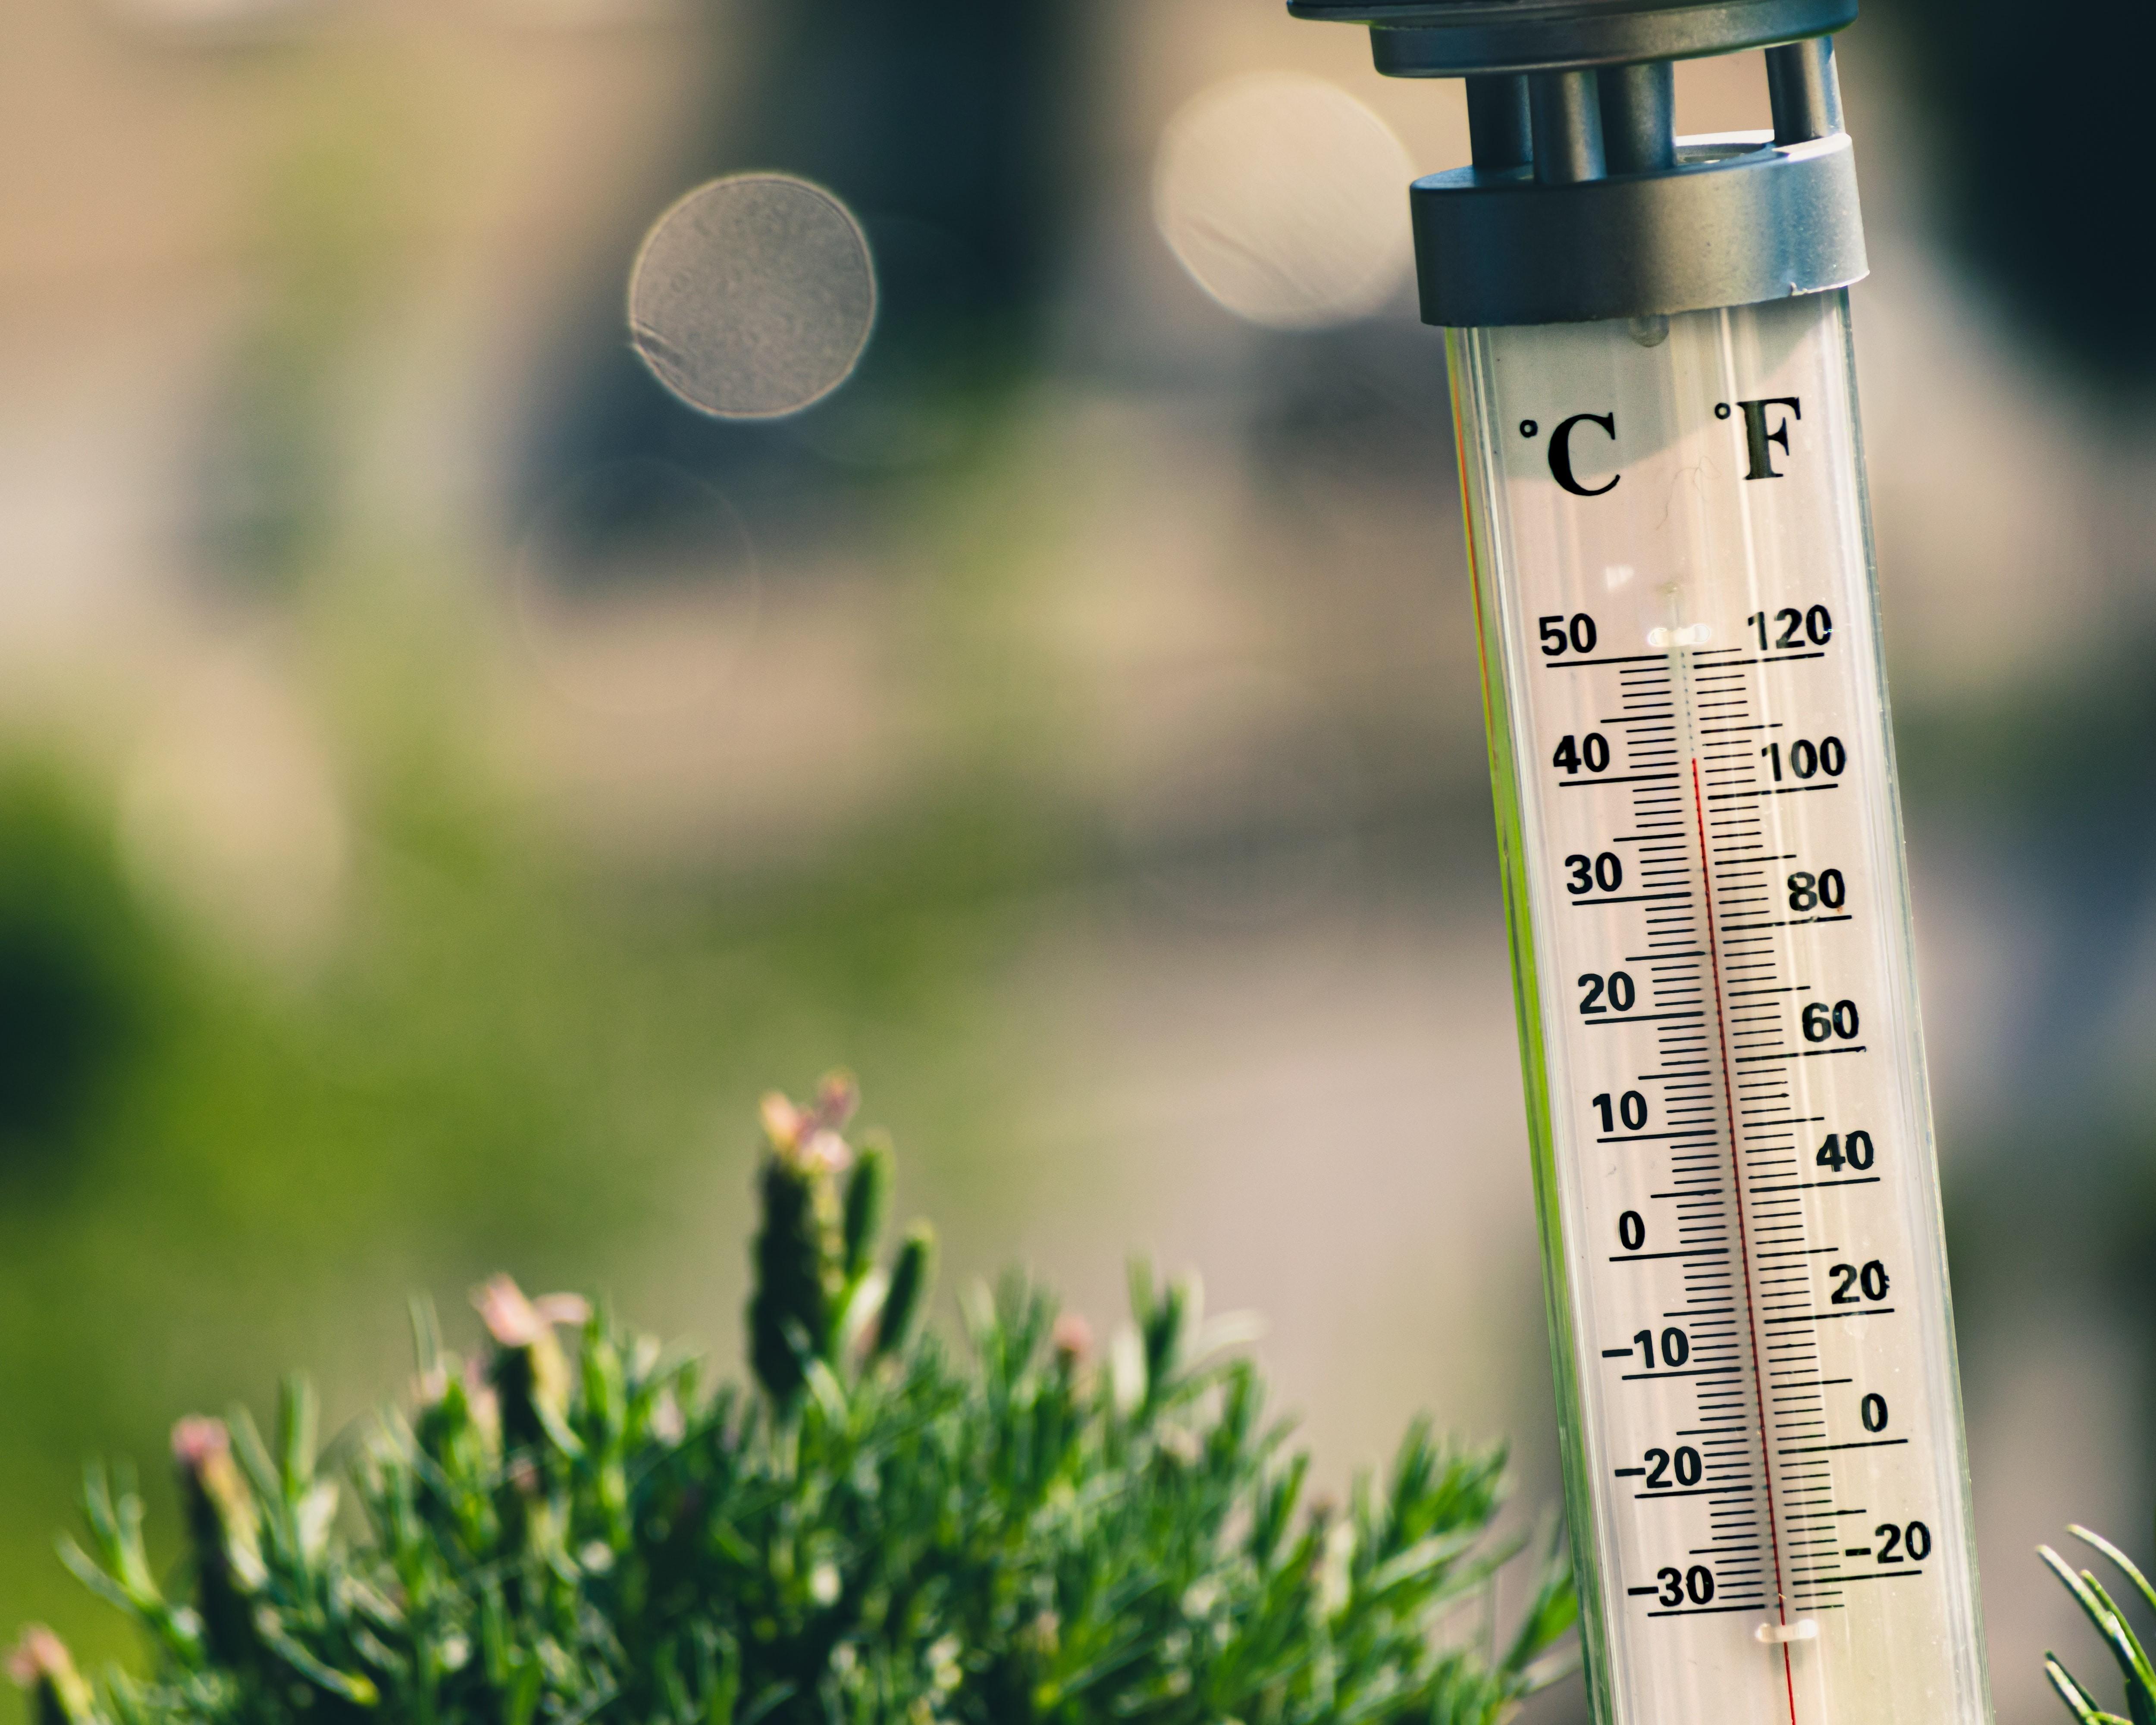 Temperatura e latitude não afetam disseminação da Covid-19, diz estudo (Foto: Unsplash)